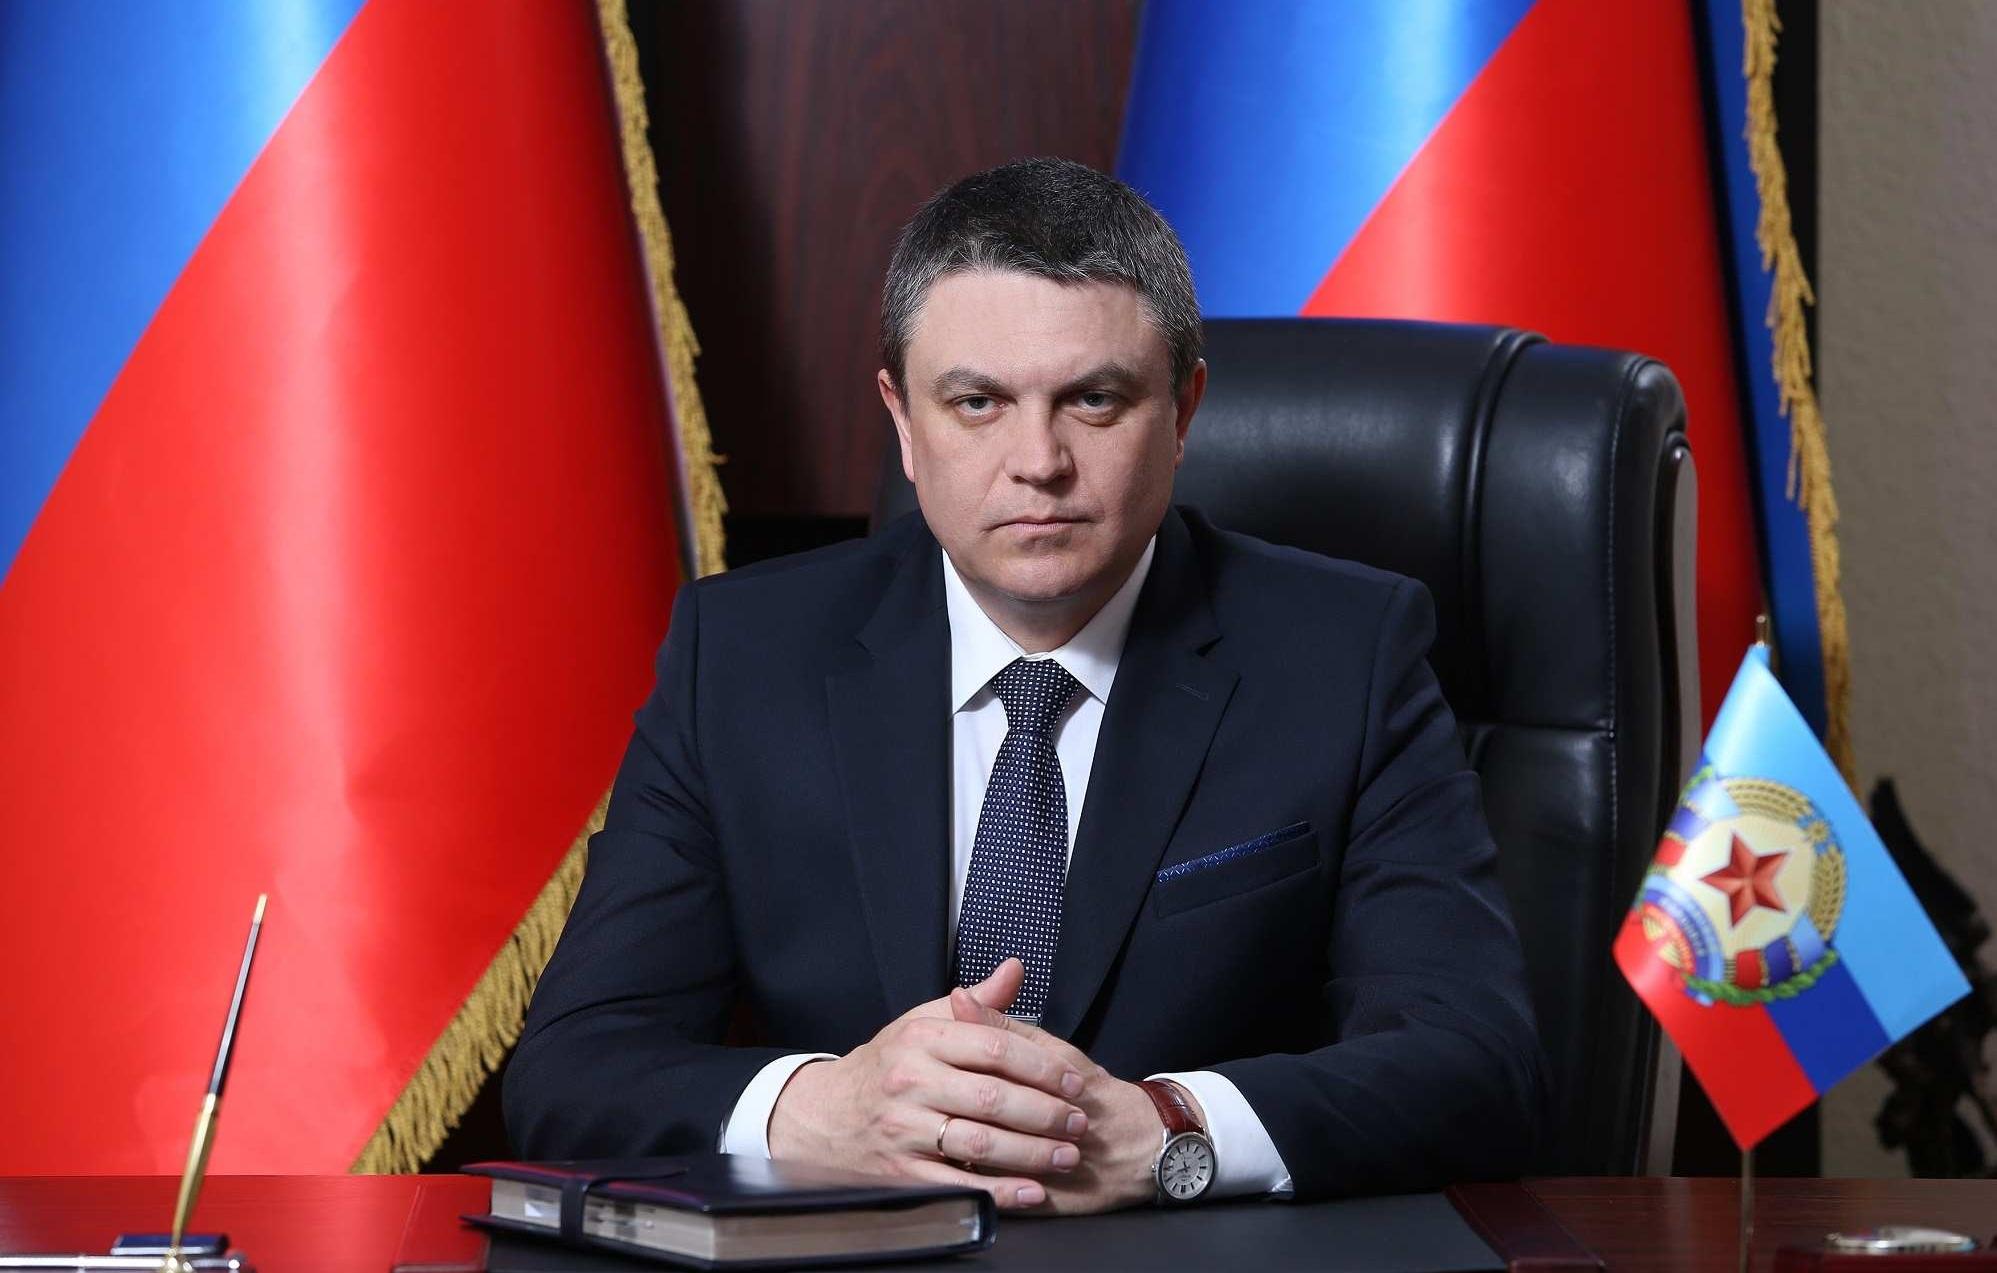 Пасечник и Пушилин хотят отправиться на встречу с Зеленским вместо Путина